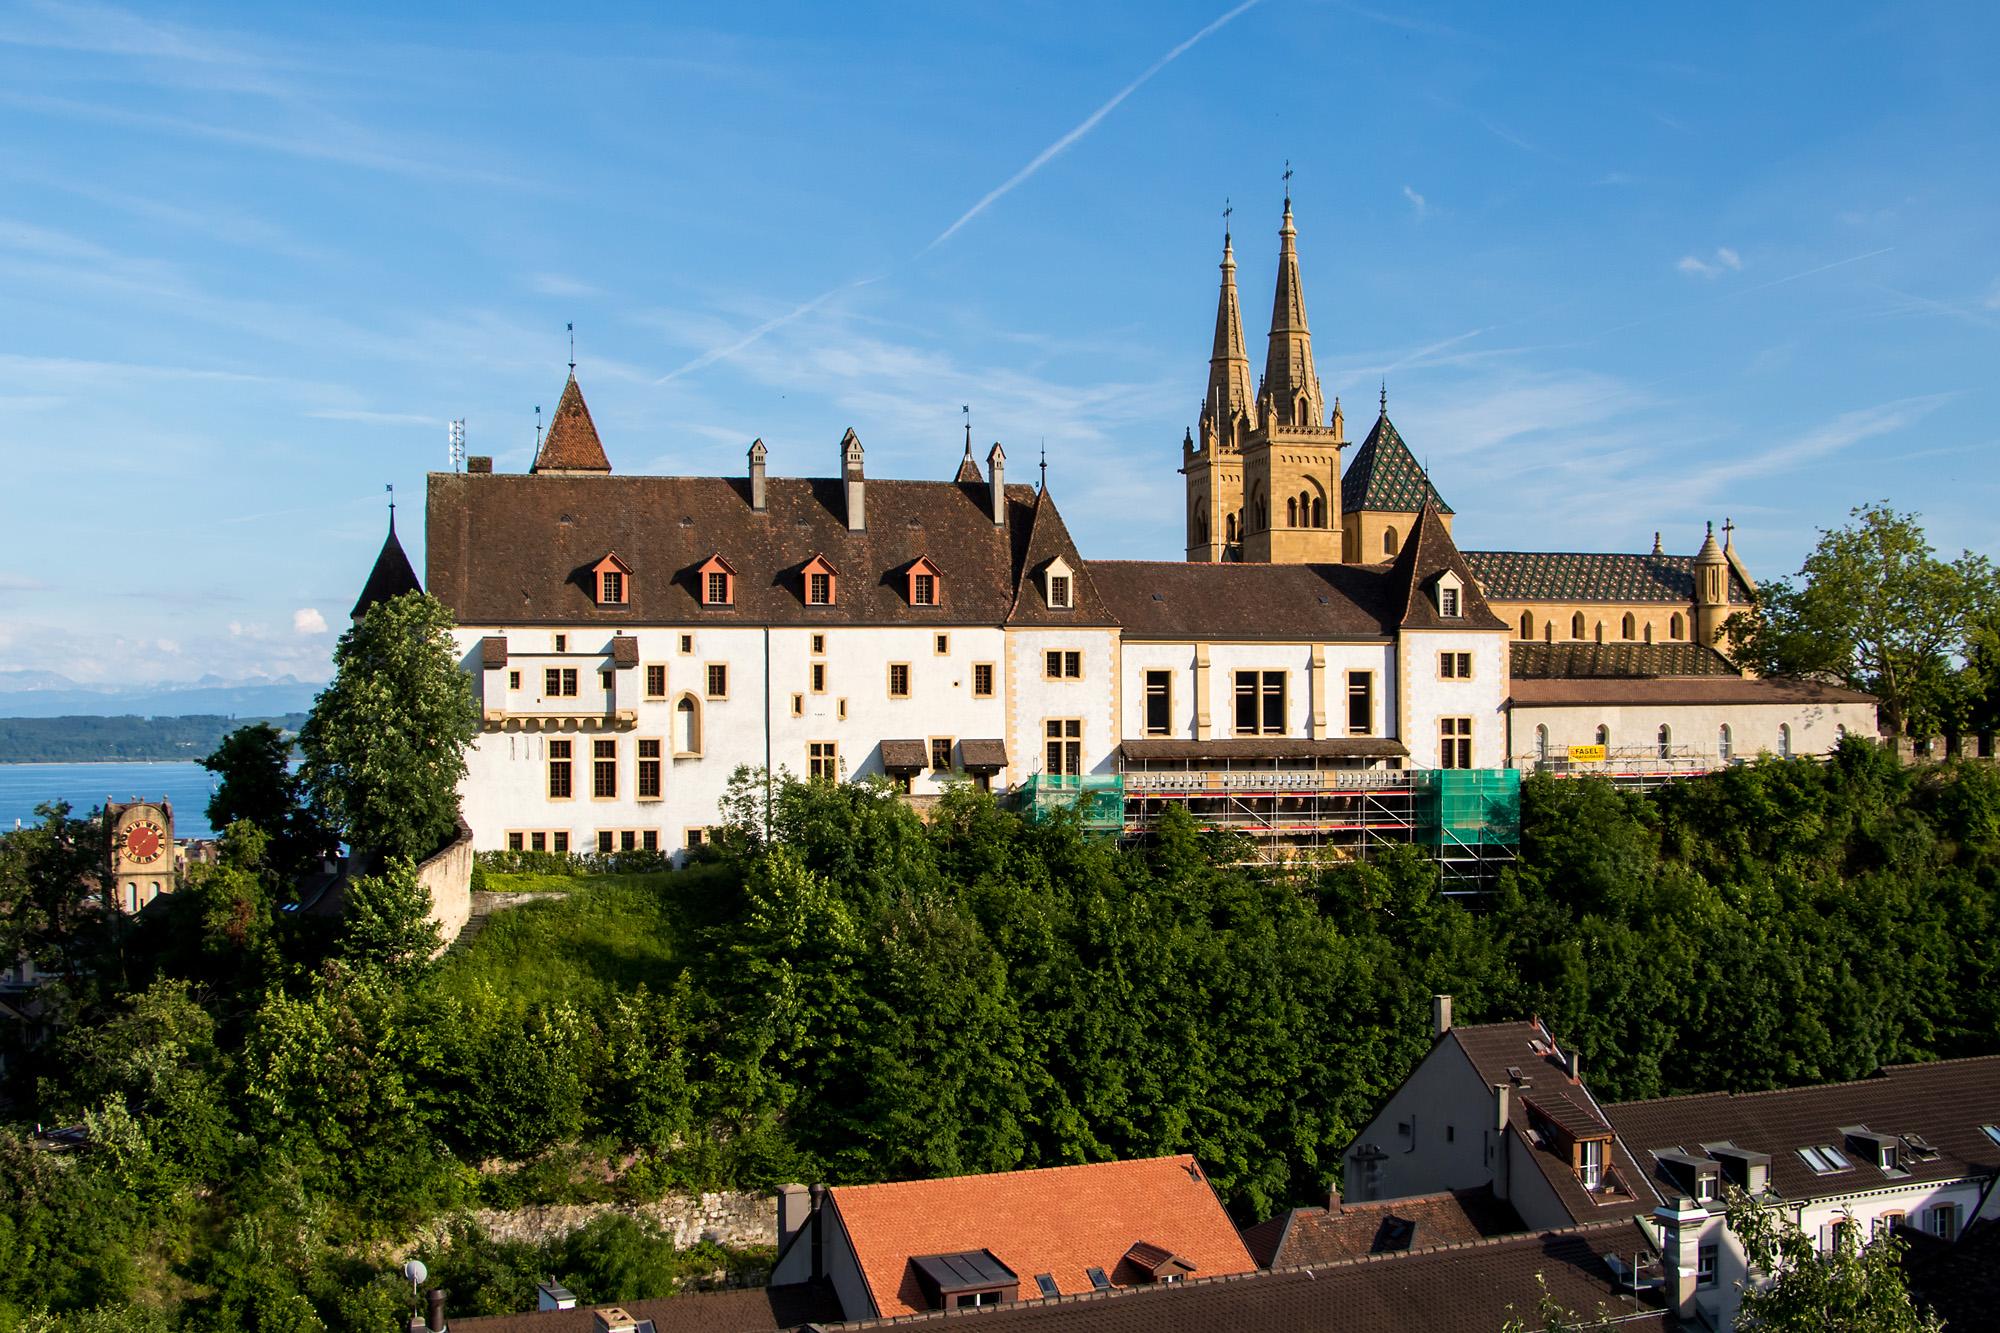 Die Anlage des Schloss Neuenburg geht bis ins 10. Jahrhundert zurück; einst war es eine Residenz der Burgunderkönige